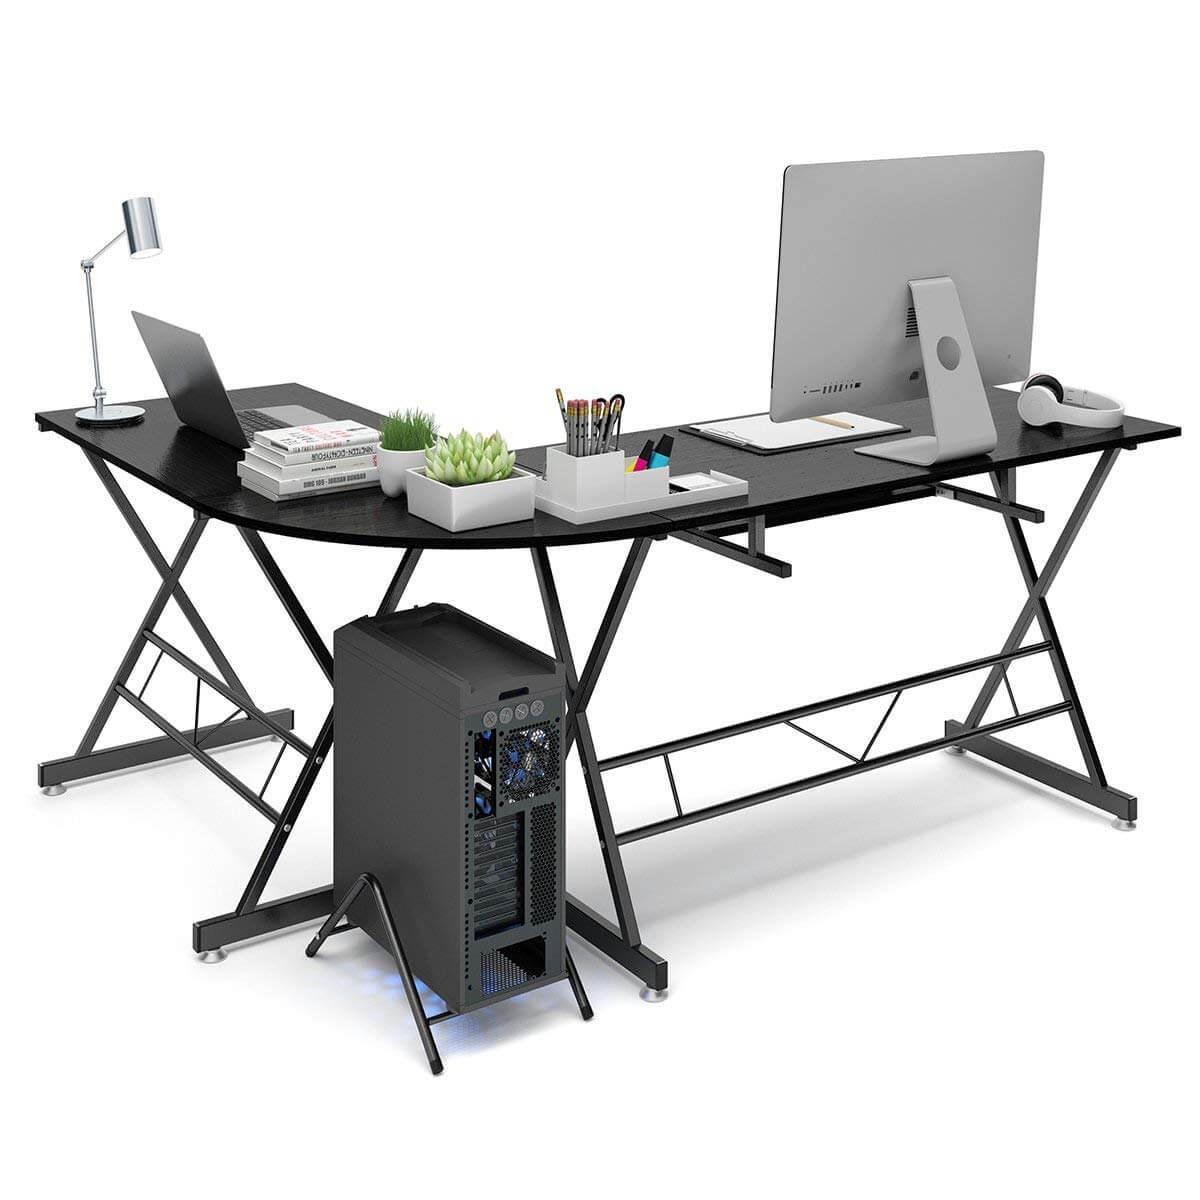 Sarokba is helyezhető L alakú íróasztal